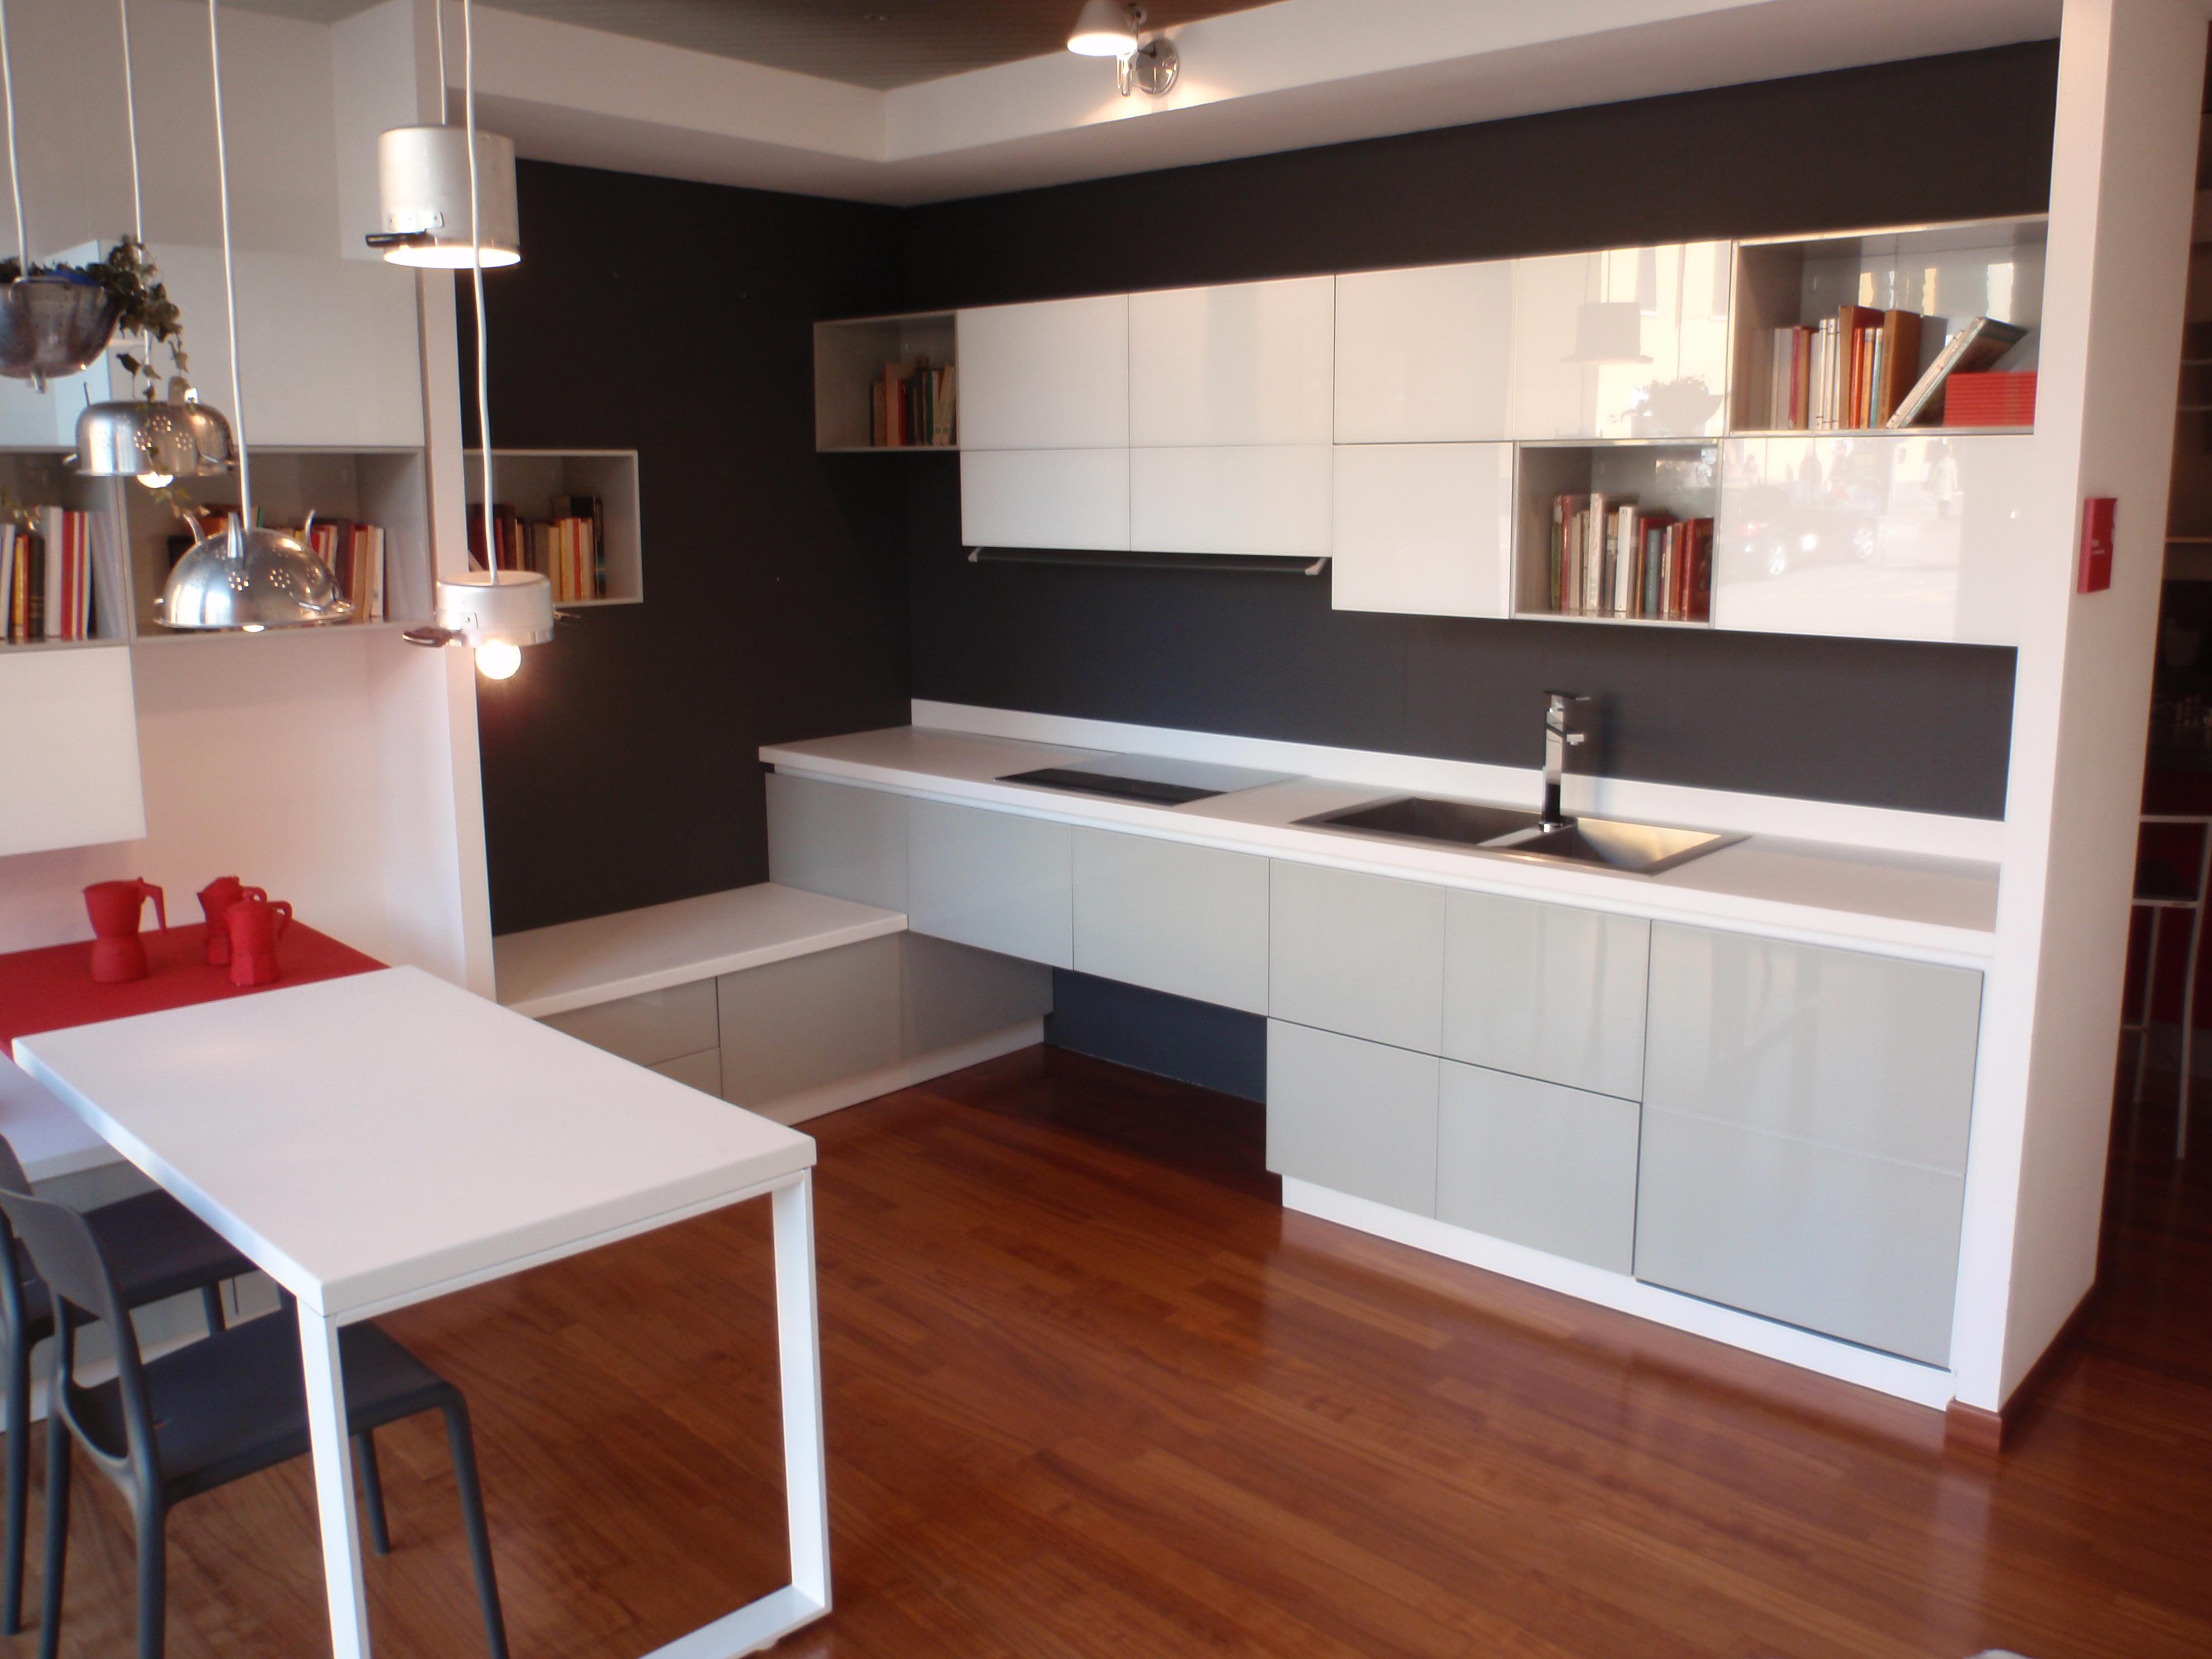 Cucine Scavolini Alcamo : Offerta scavolini tetrix cucine a prezzi scontati